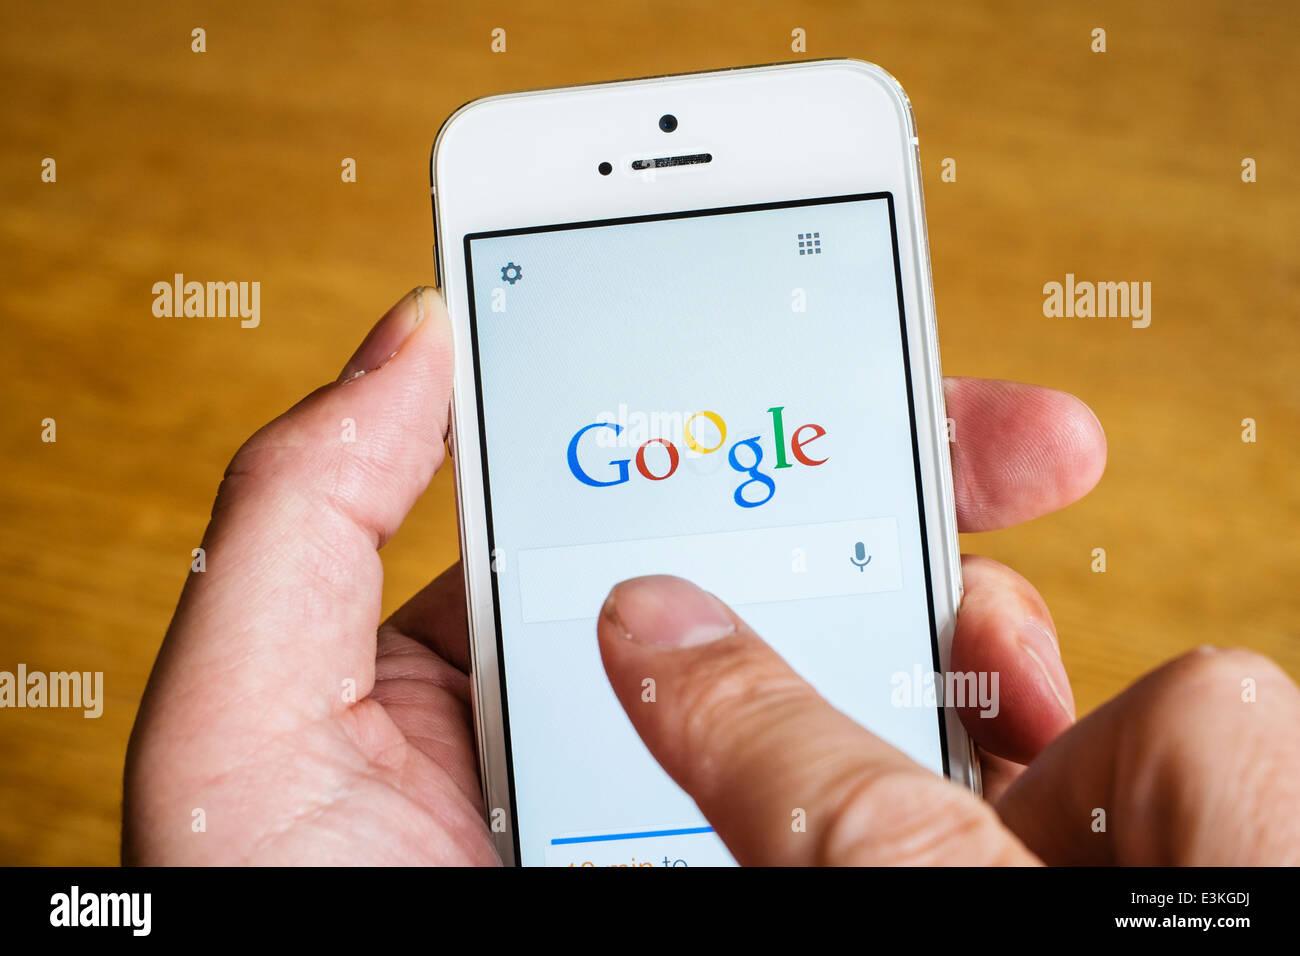 Detalle del motor de búsqueda de Google App iPhone homepage en teléfonos inteligentes. Foto de stock